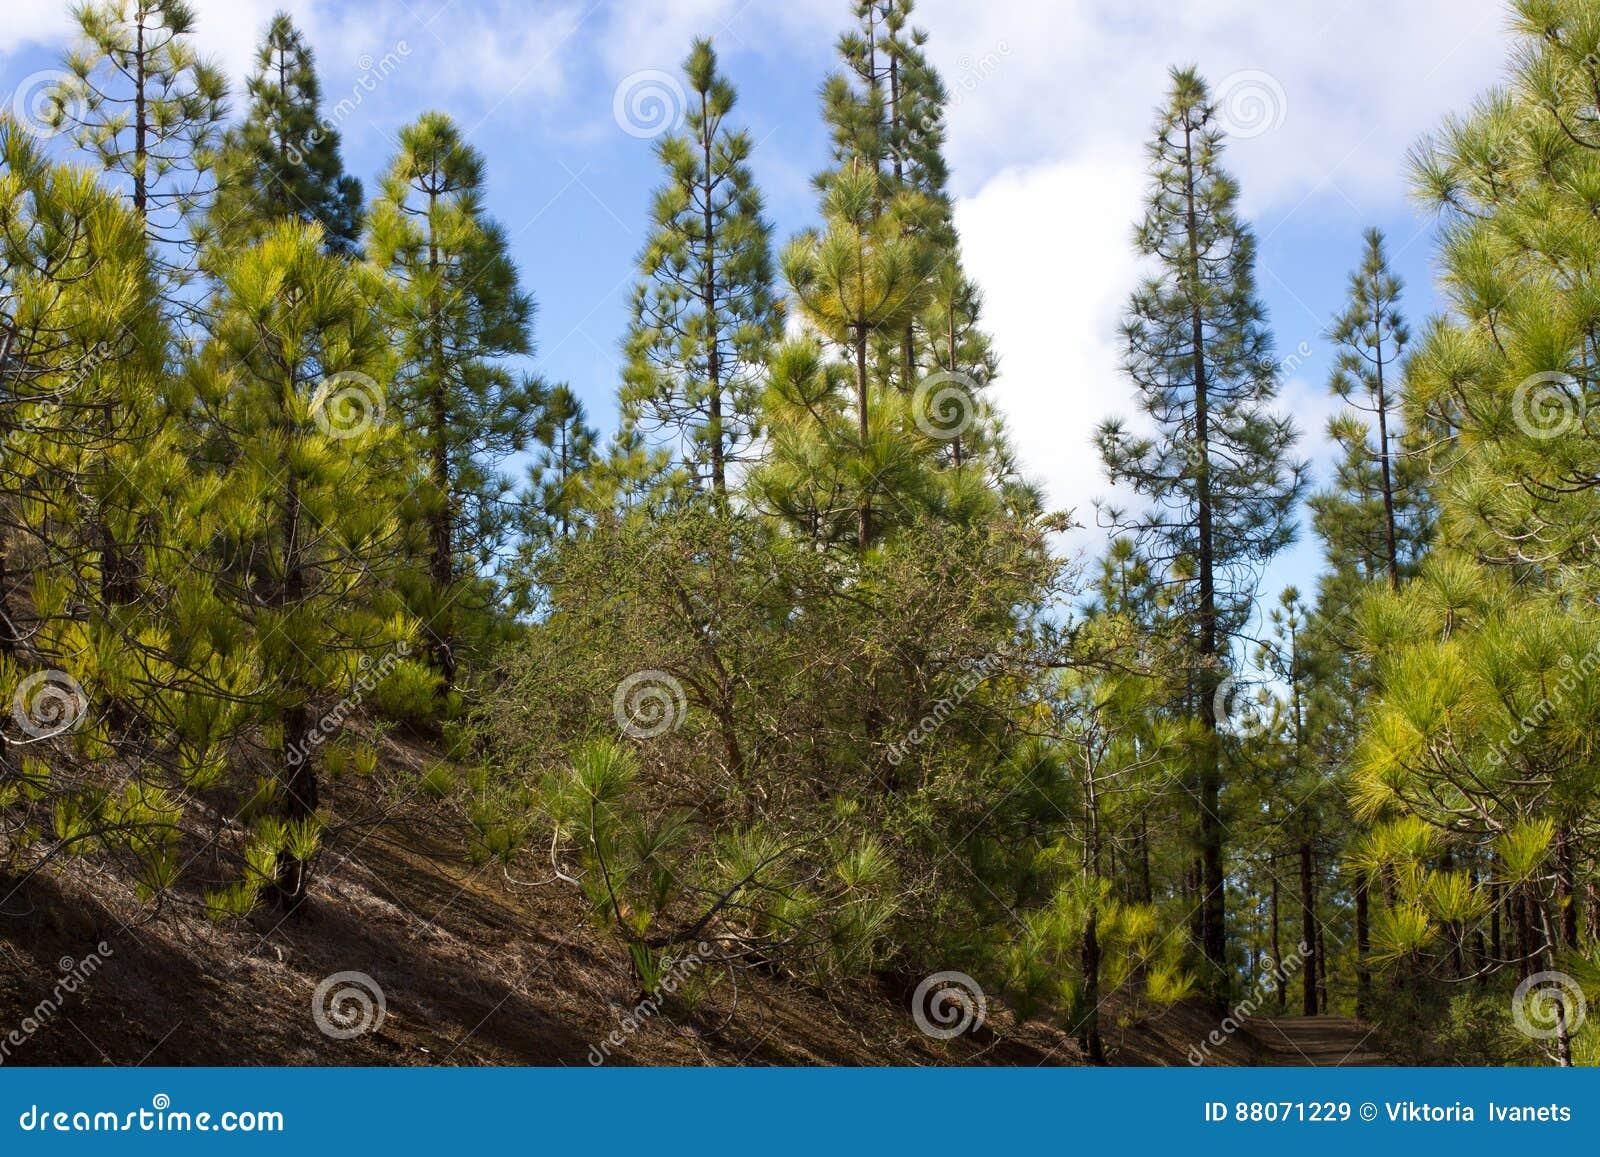 Piękna panorama sosnowy las z pogodnym letnim dniem Iglaści drzewa Podtrzymywalny ekosystem teide Tenerife